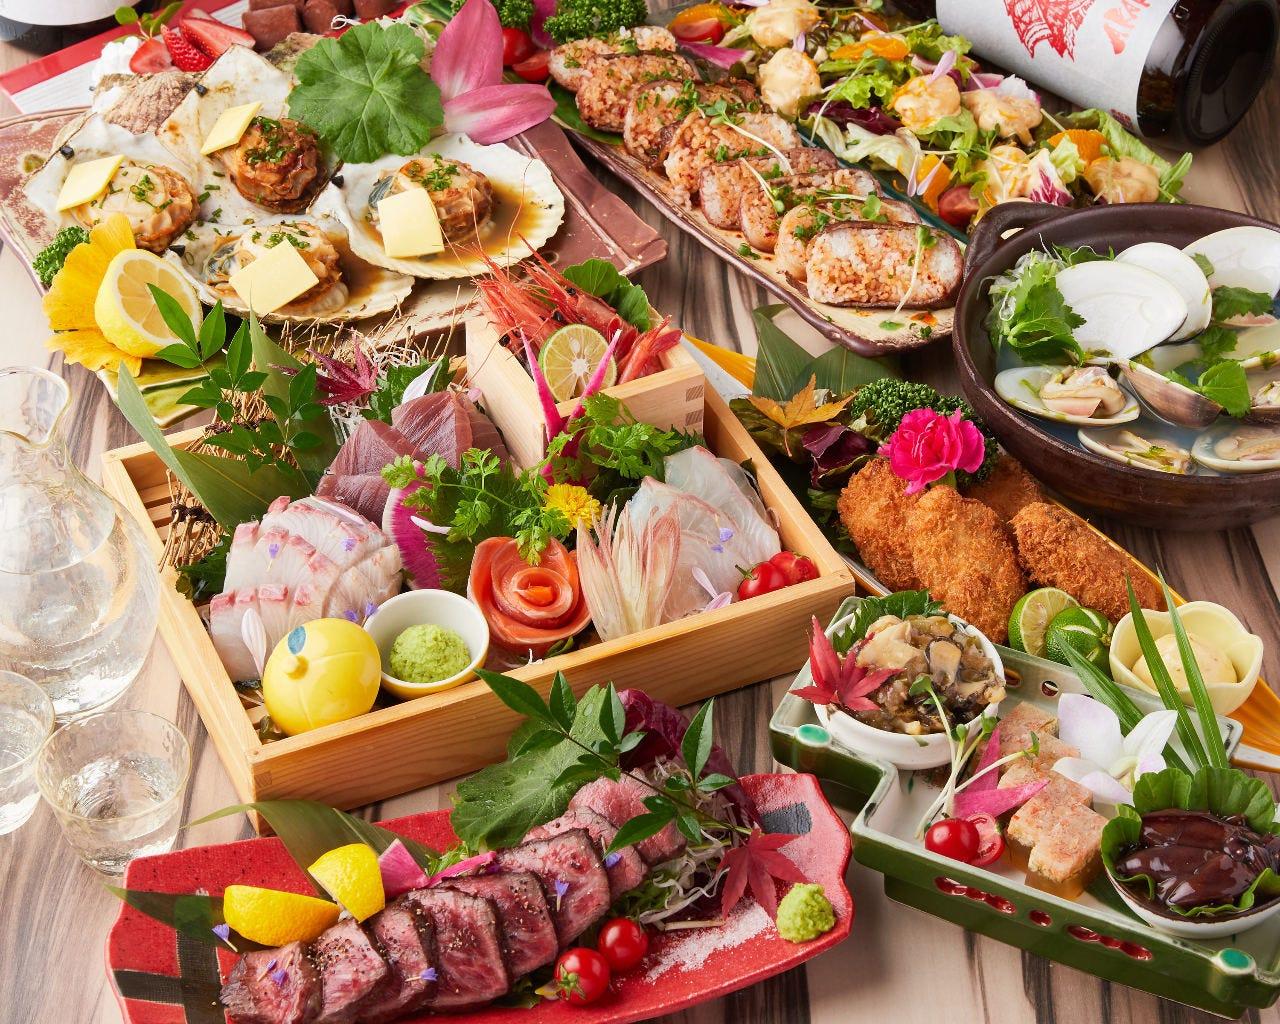 【つばきコース】新鮮魚介と和牛イチボのワンランク上のコース[全9品] 2時間飲み放題付き6000円⇒5000円